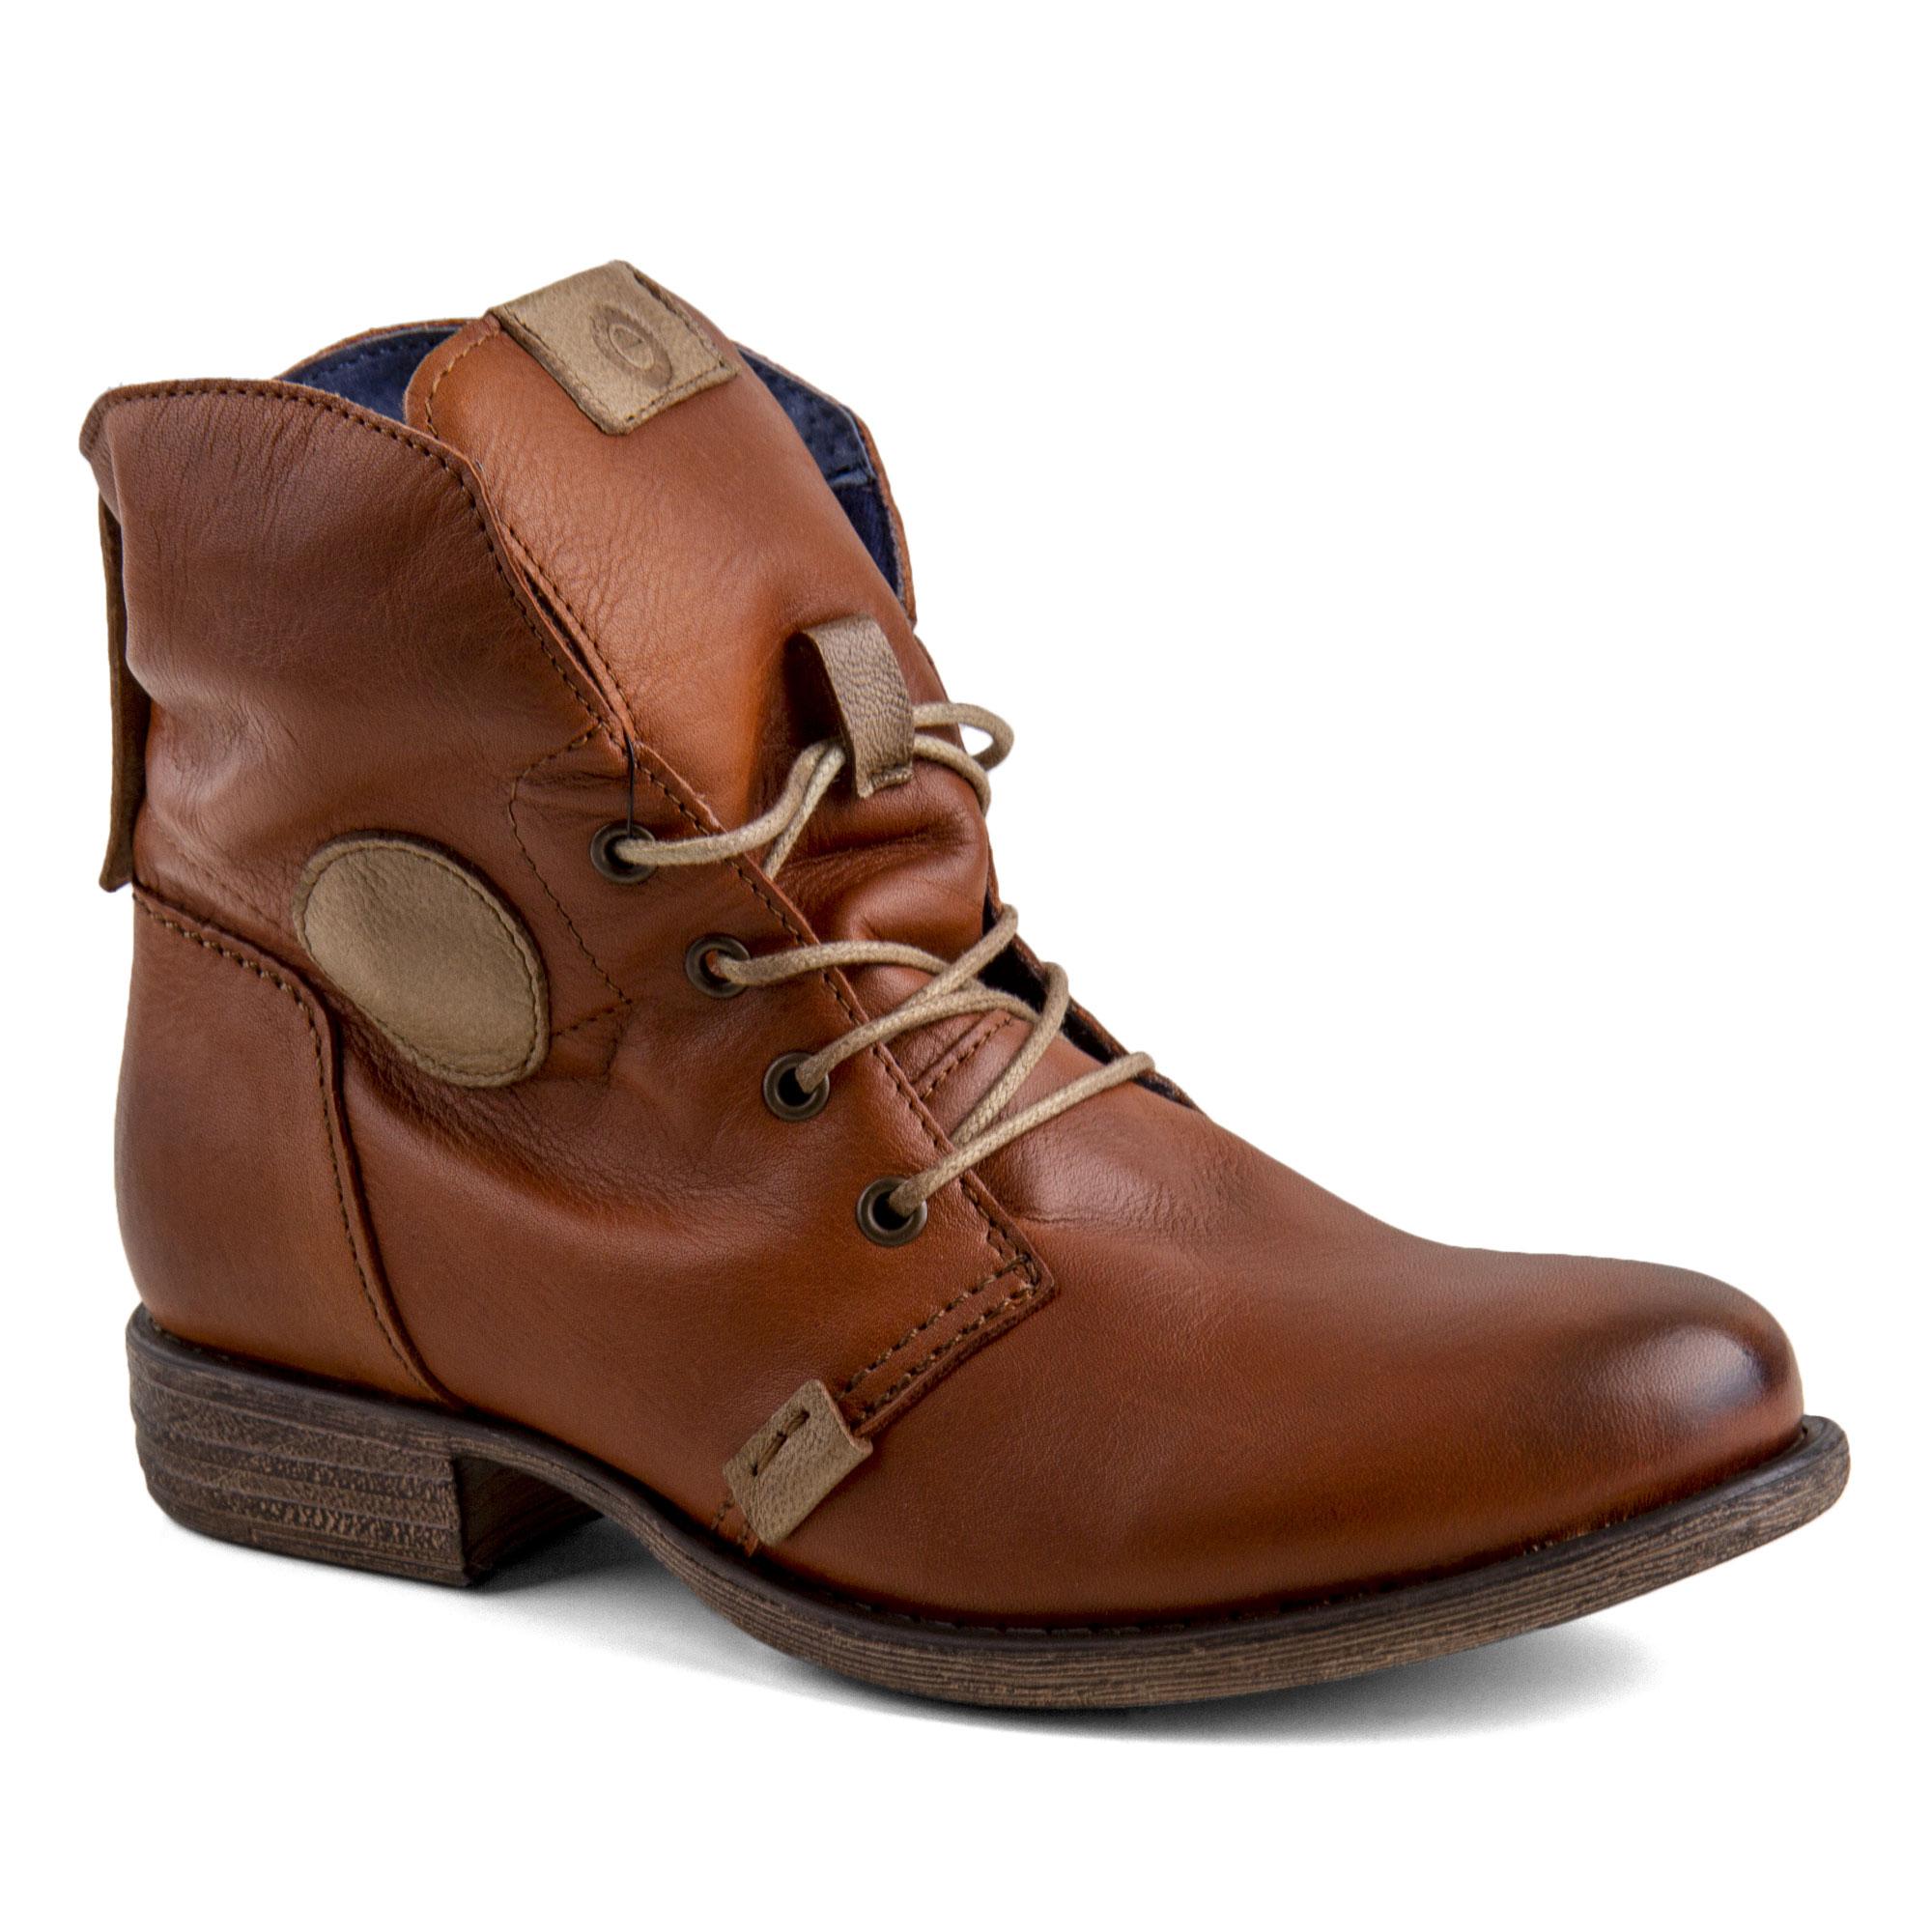 2cf7ebe9742 ... Bottines à lacets en cuir de la marque Orlando. Disponibles en 2  coloris   marron et bleu. Boots Femme 24679 99.99 Degriffstock in stock